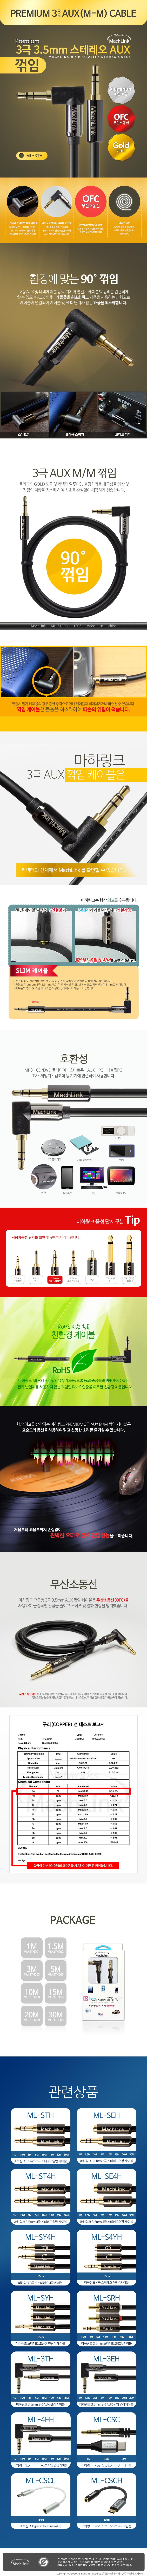 마하링크 3.5mm 3극 스테레오 AUX 꺾임 케이블 (ML-3TH150, 15m)